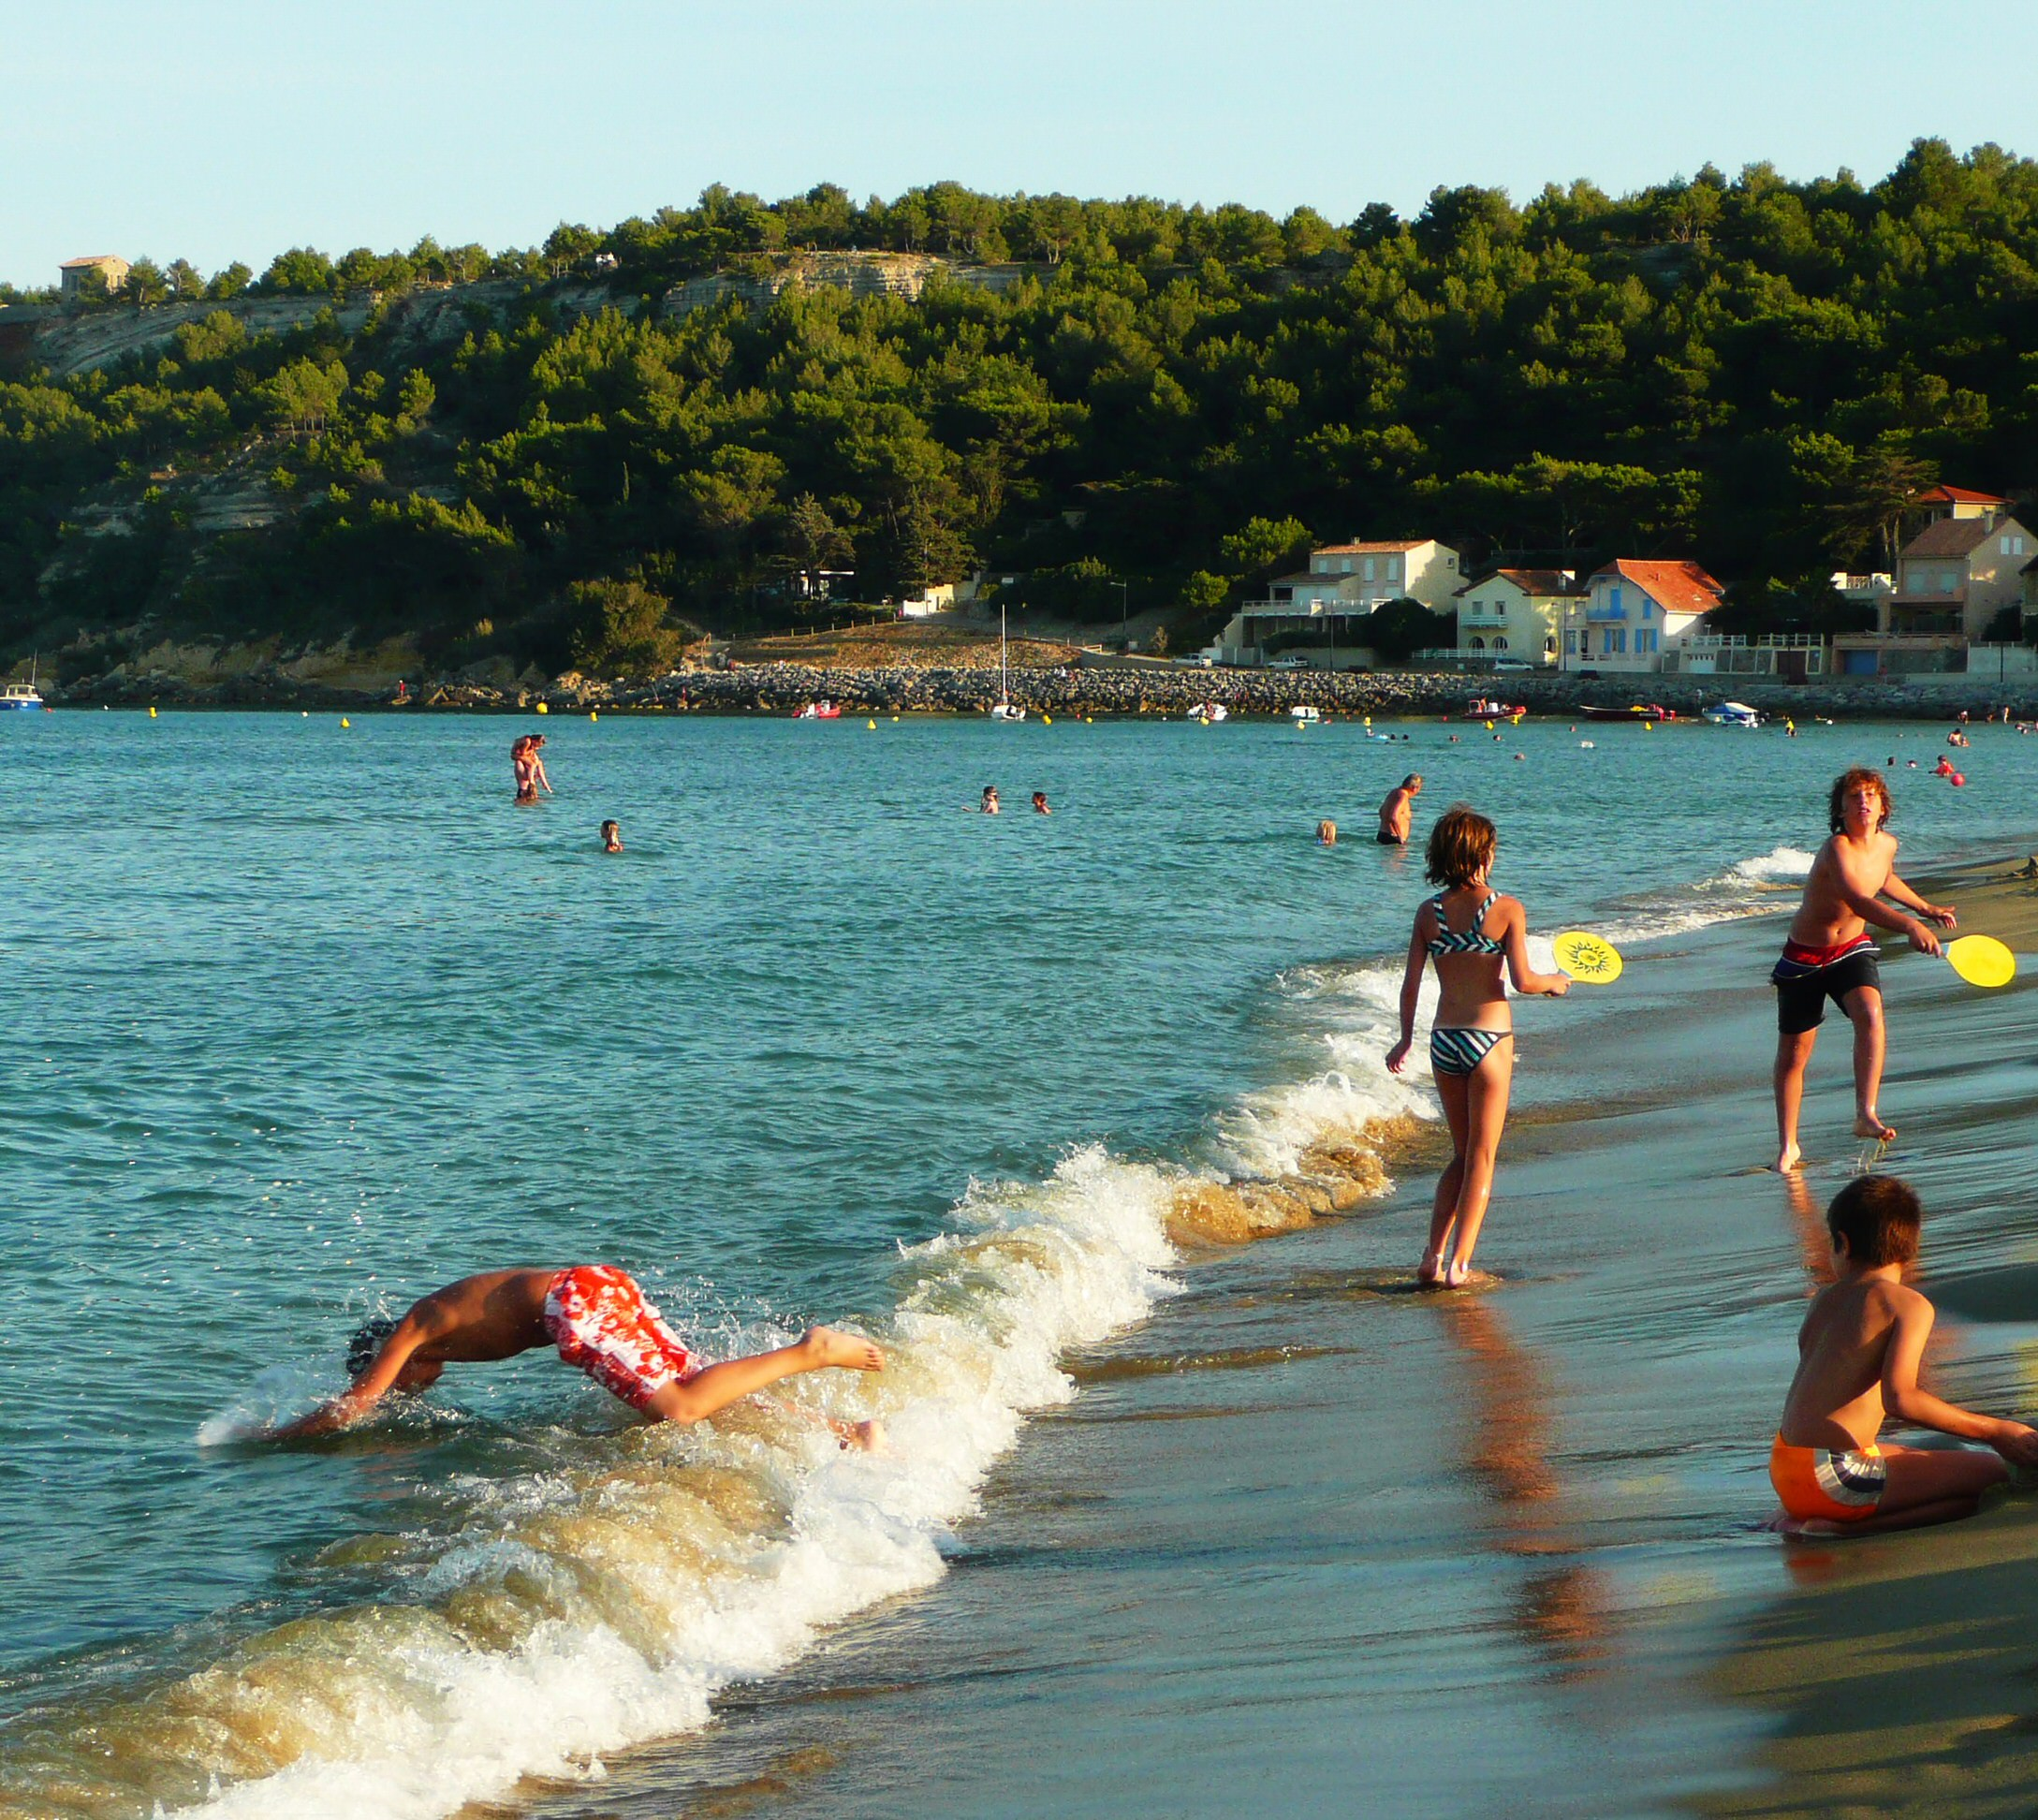 leucate-2008-08-franqui-plage-vacancier-cr-c-deschamps-adt-aude-2